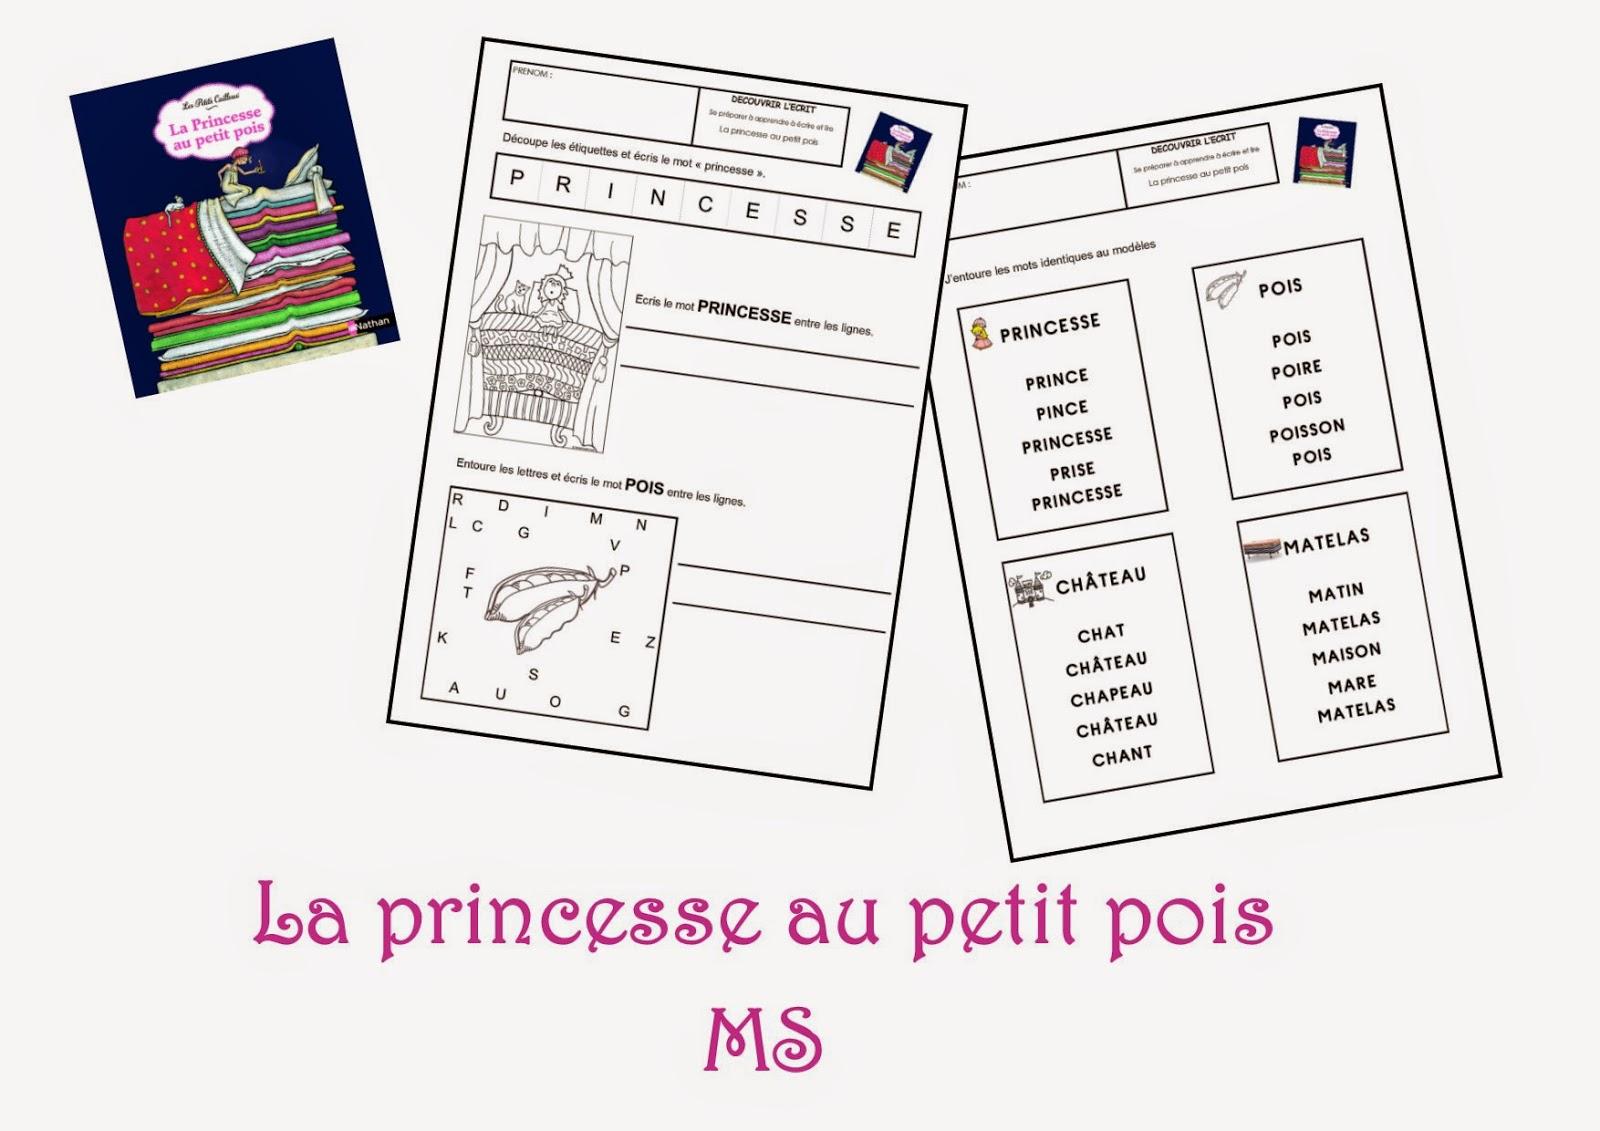 Fiches de travail MS - La princesse au petit pois